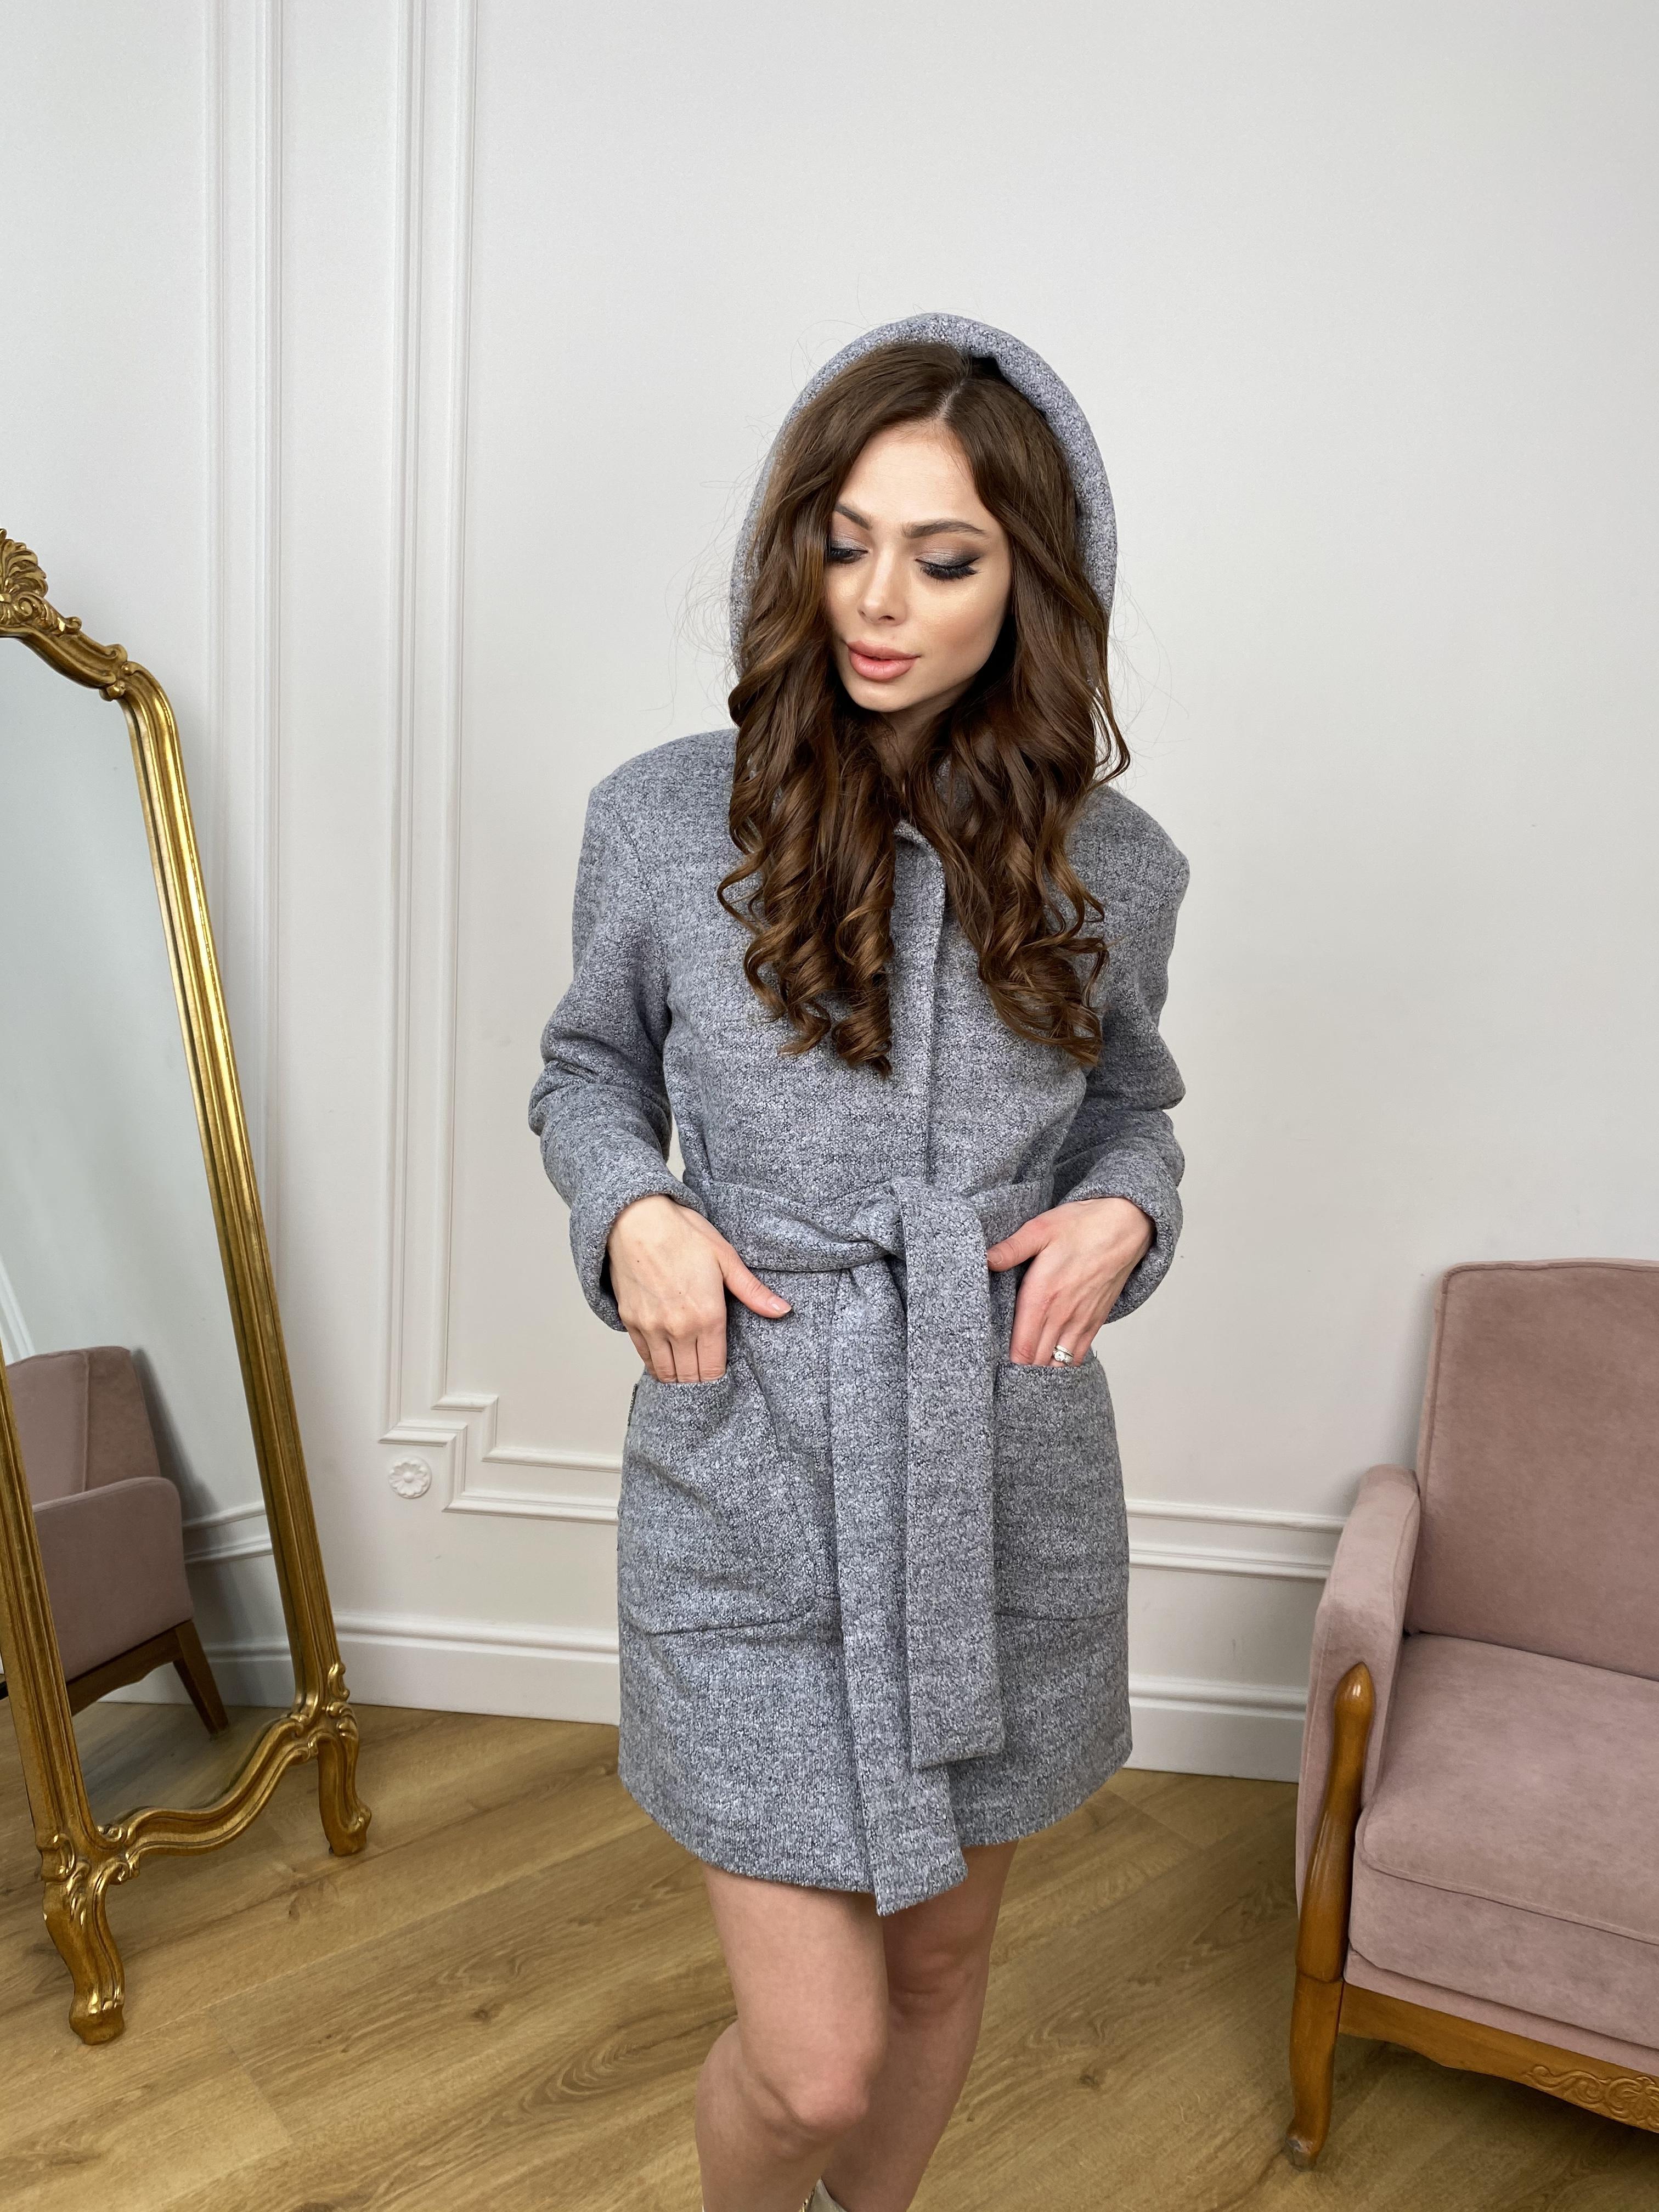 Пальто Анита 9934 АРТ. 46219 Цвет: Серый 48 - фото 5, интернет магазин tm-modus.ru